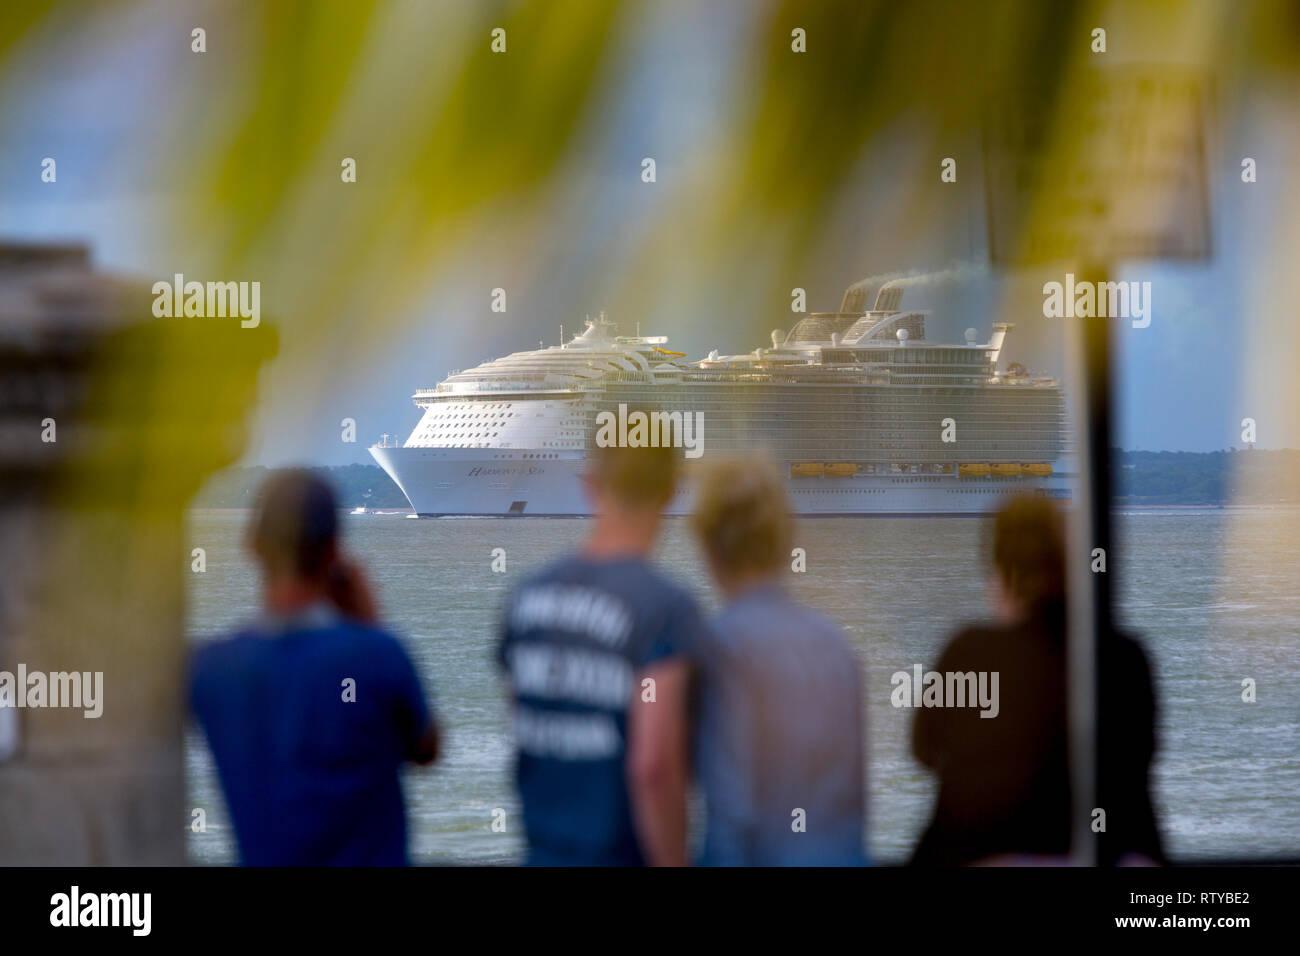 Il lusso,viaggi, lussuoso, Wedding, luna di miele, suite, cabine e armonia del mare,cruise,liner,lasciando,Southampton,l'inquinamento,Cowes,l'Isola di Wight in Inghilterra Immagini Stock